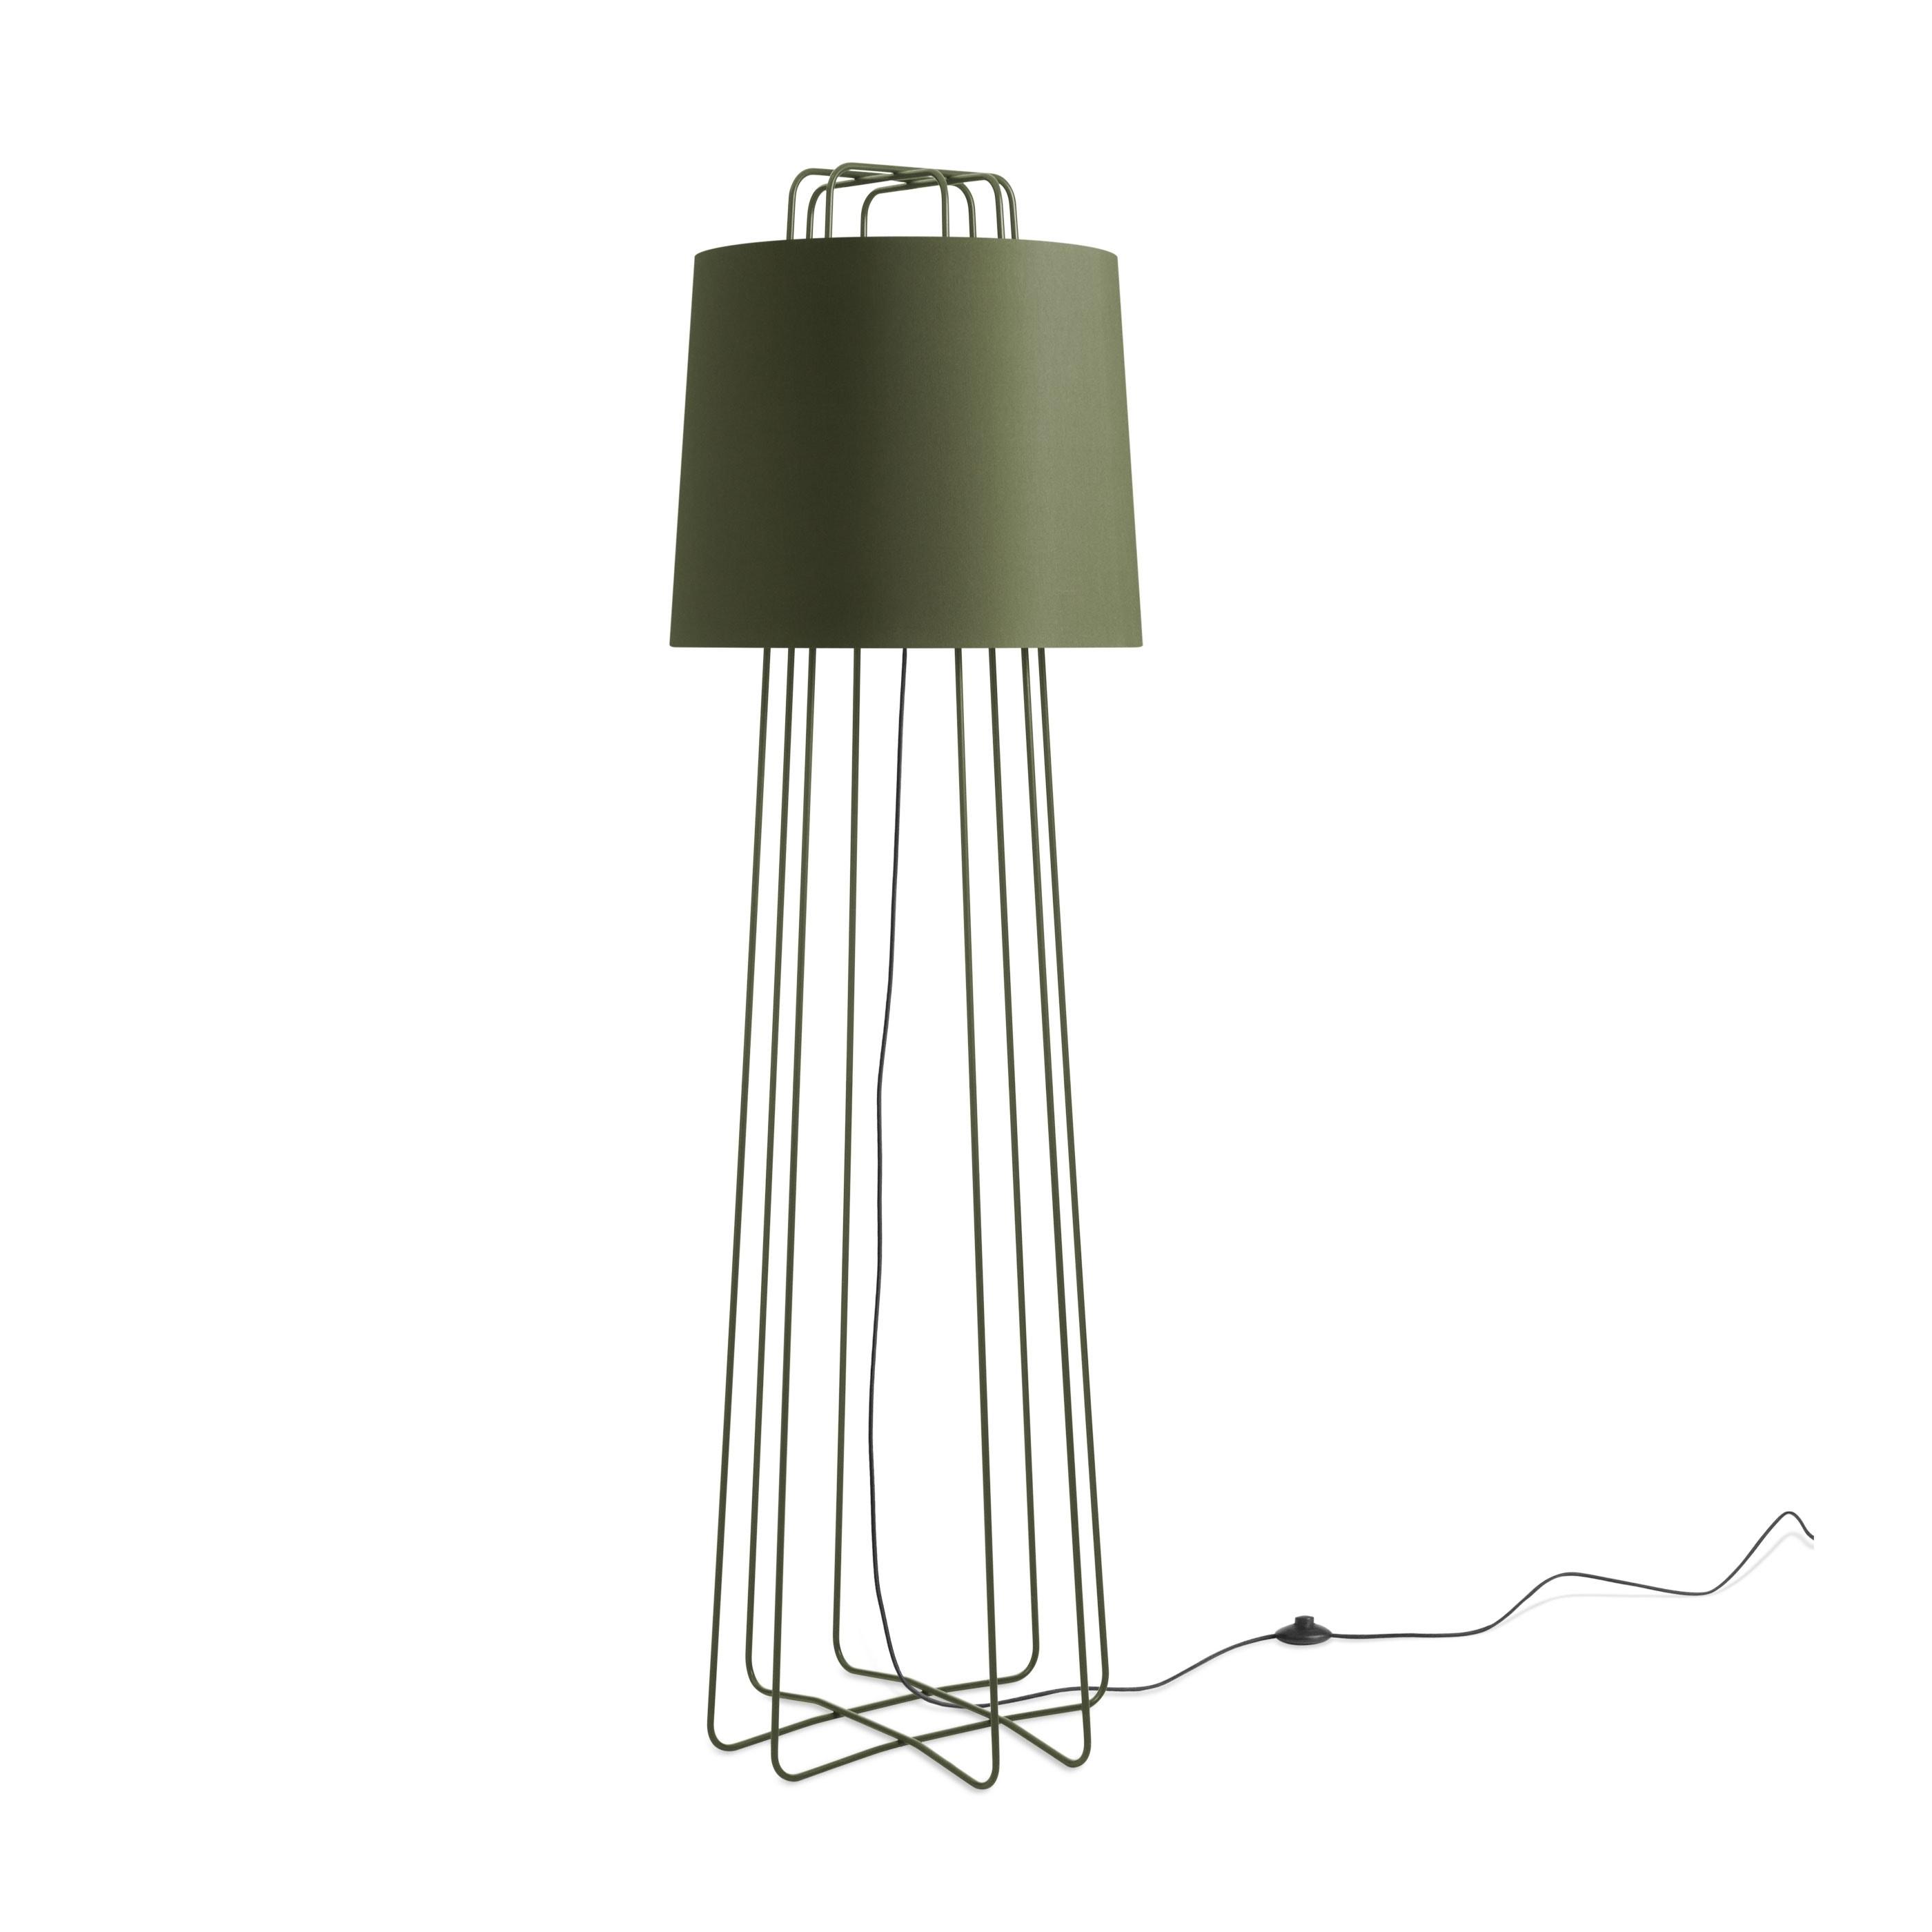 Oversized Floor Lamp Perimeter Floor Lamp  Unique Floor Lamps  Blu Dot